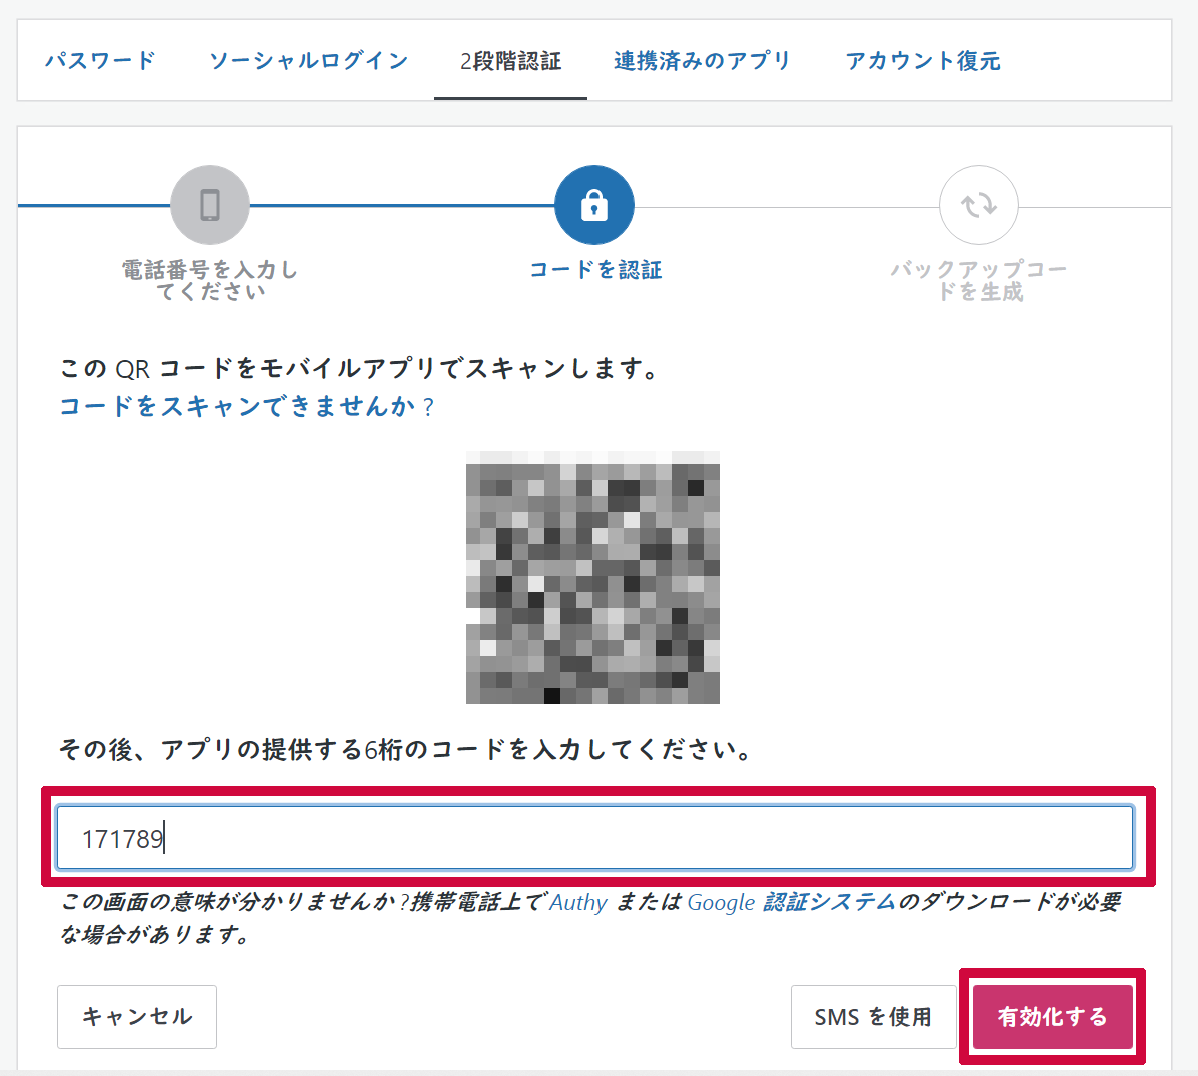 WordPress.comの6桁の認証コードを時間内に先ほどのQRコードが表示されていたページの下の方にある空欄へ入力し、「有効化する」をクリックします。